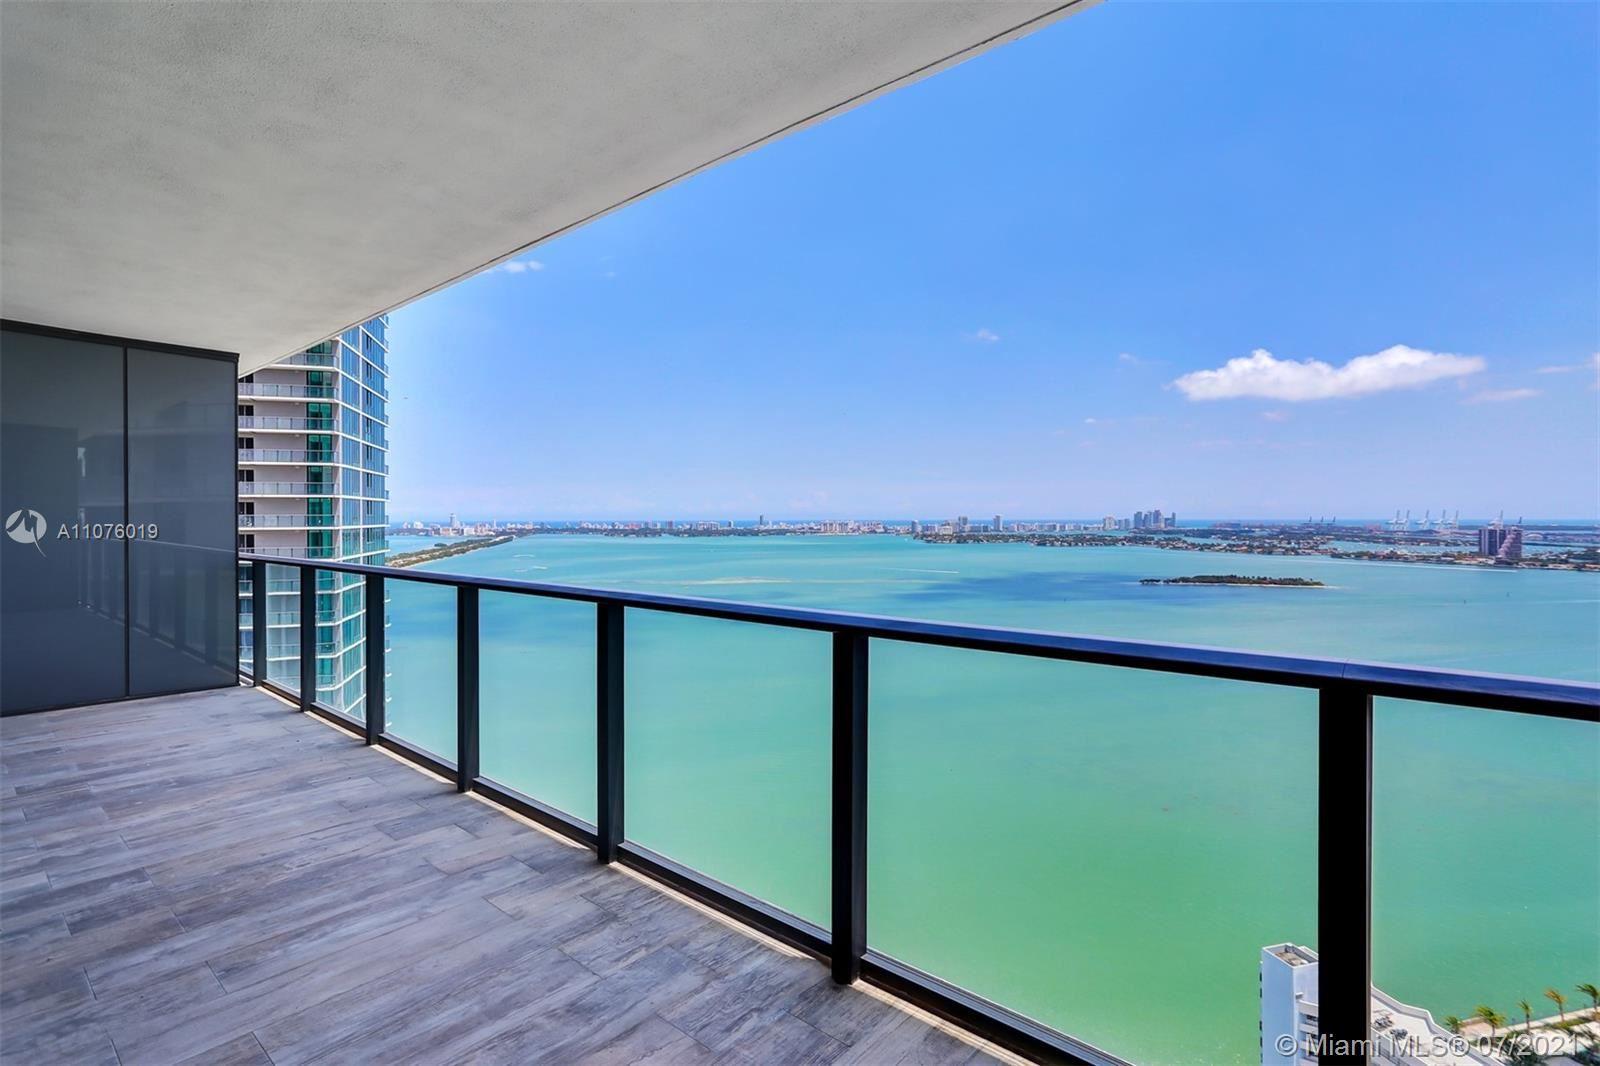 650 NE 32 #4103, Miami, FL 33137 - #: A11076019